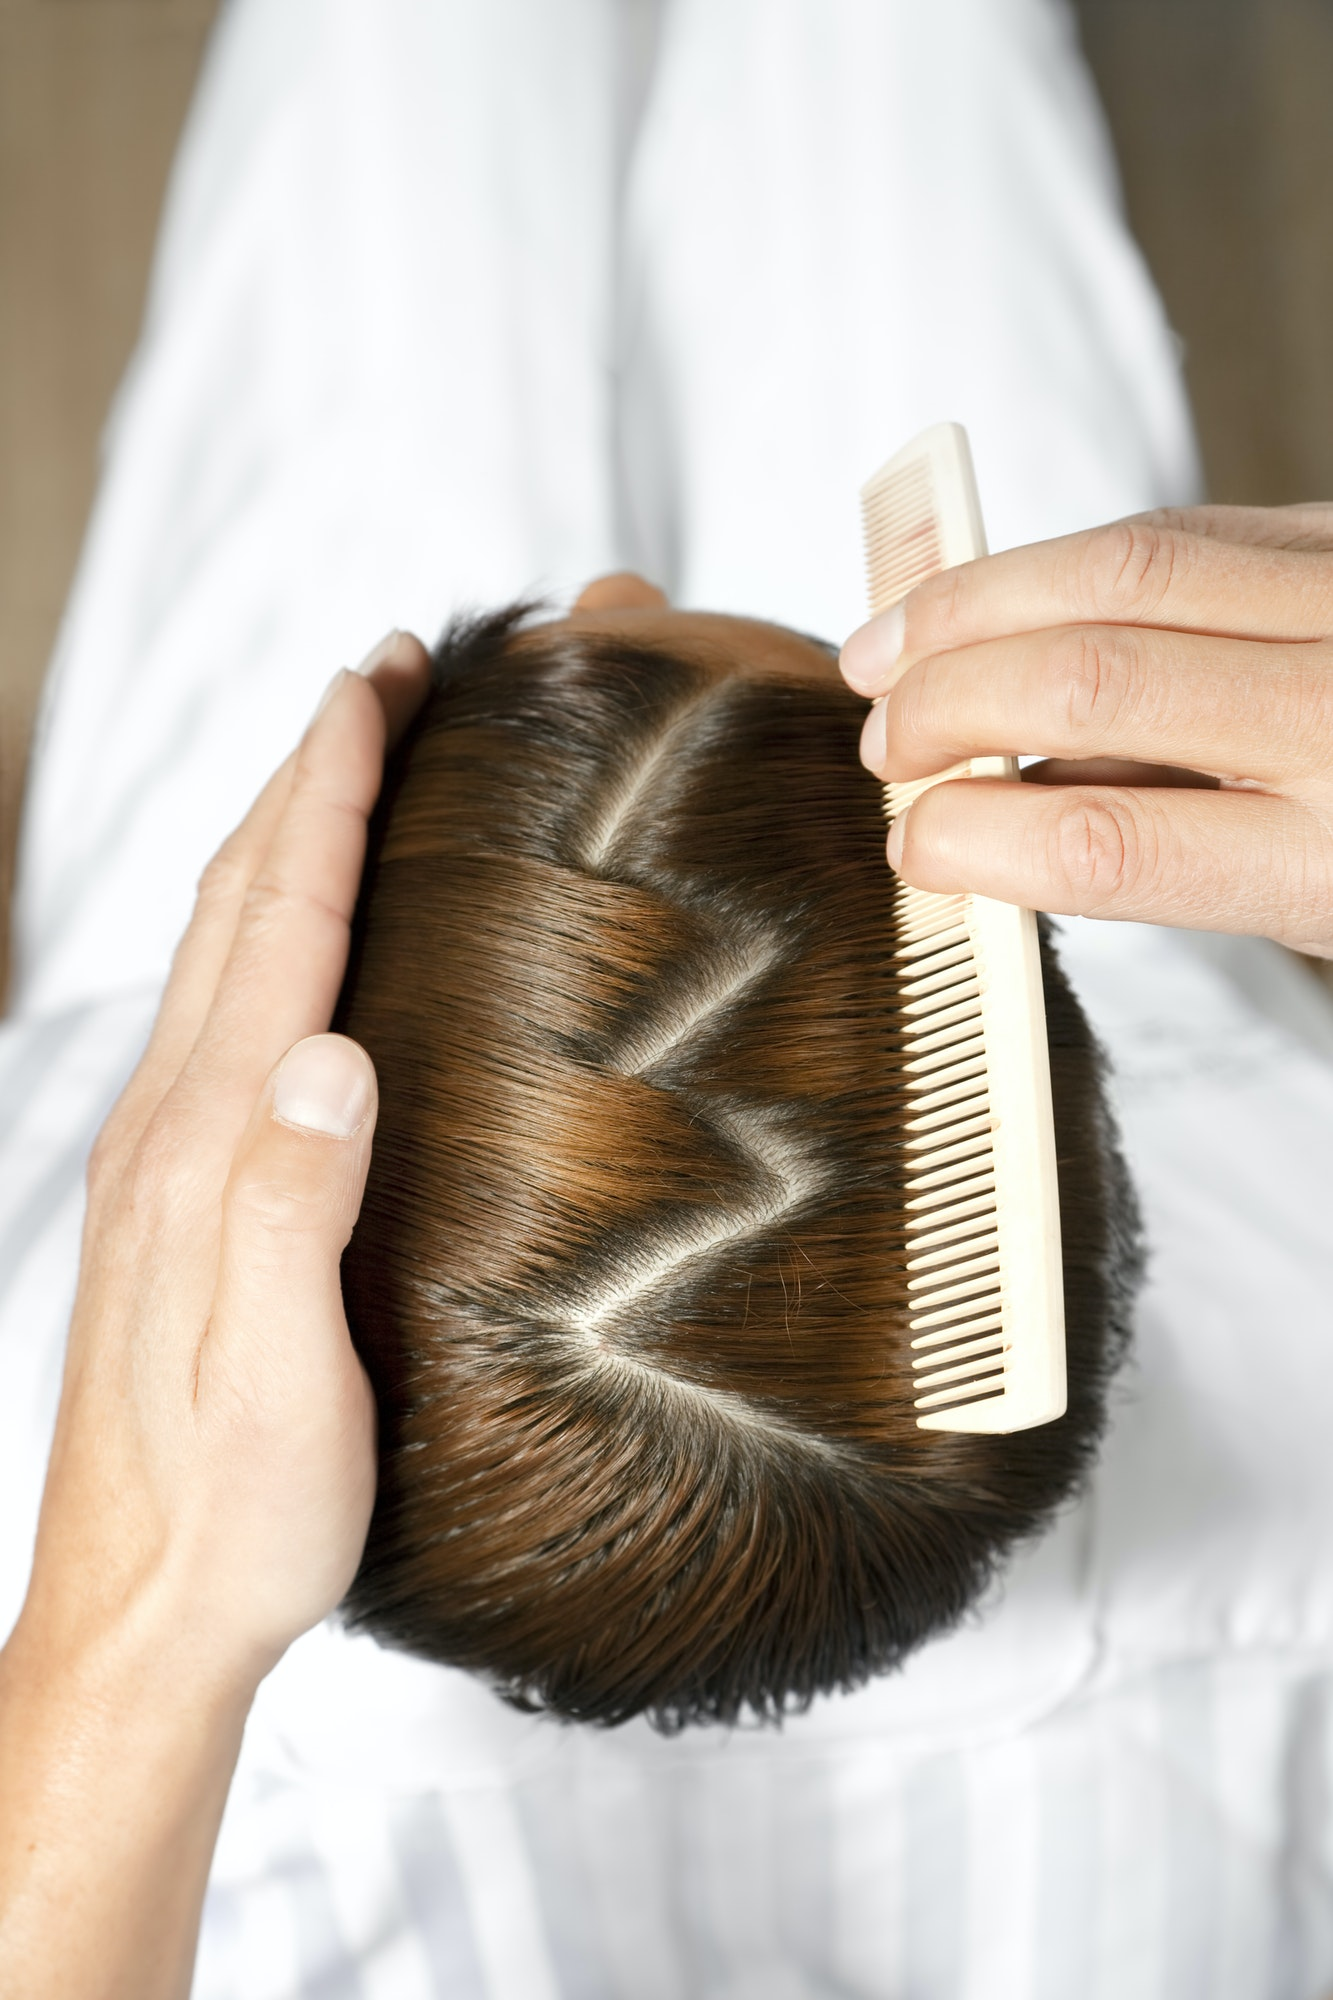 Hair Dresser Cutting Hair To Beautiful Girl In Hair Salon